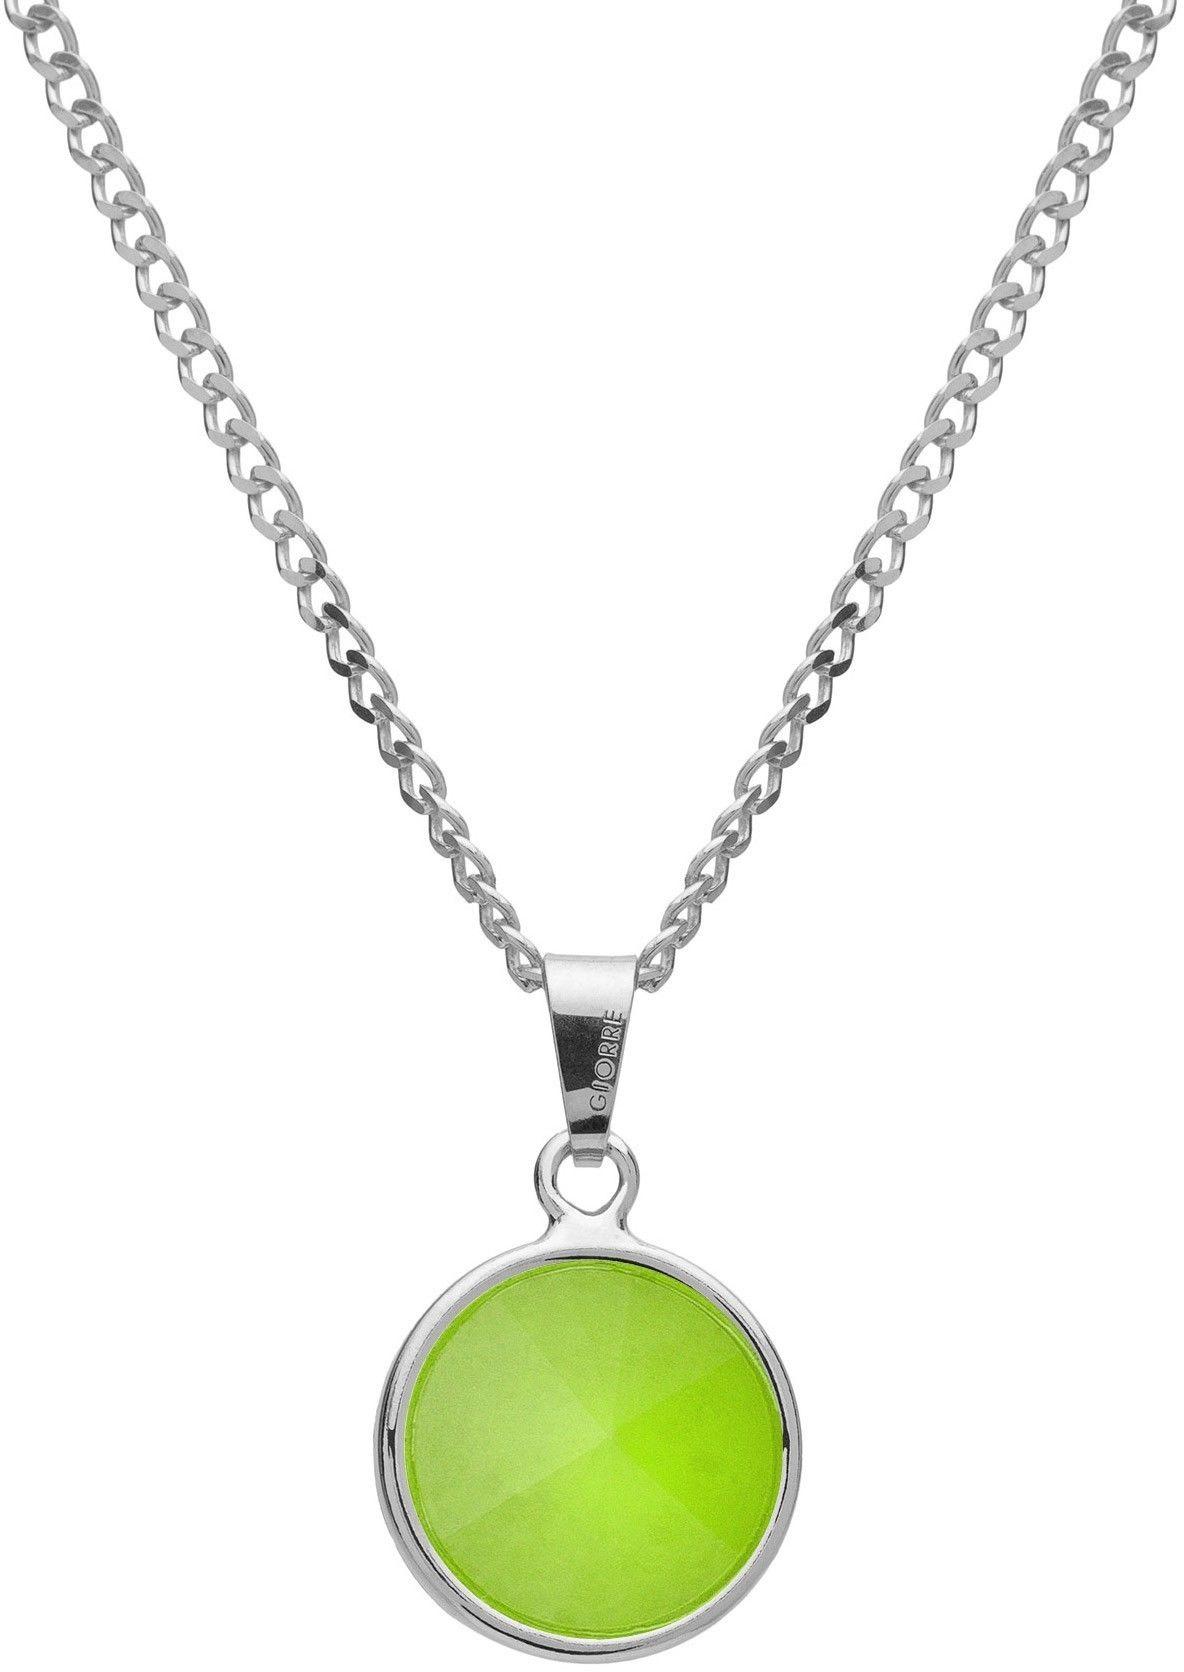 Srebrny naszyjnik z naturalnym kamieniem - chryzopraz srebro 925 : Długość (cm) - 40 + 5 , Kamienie naturalne - kolor - chryzopraz zielony jasny, Srebro - kolor pokrycia - Pokrycie platyną